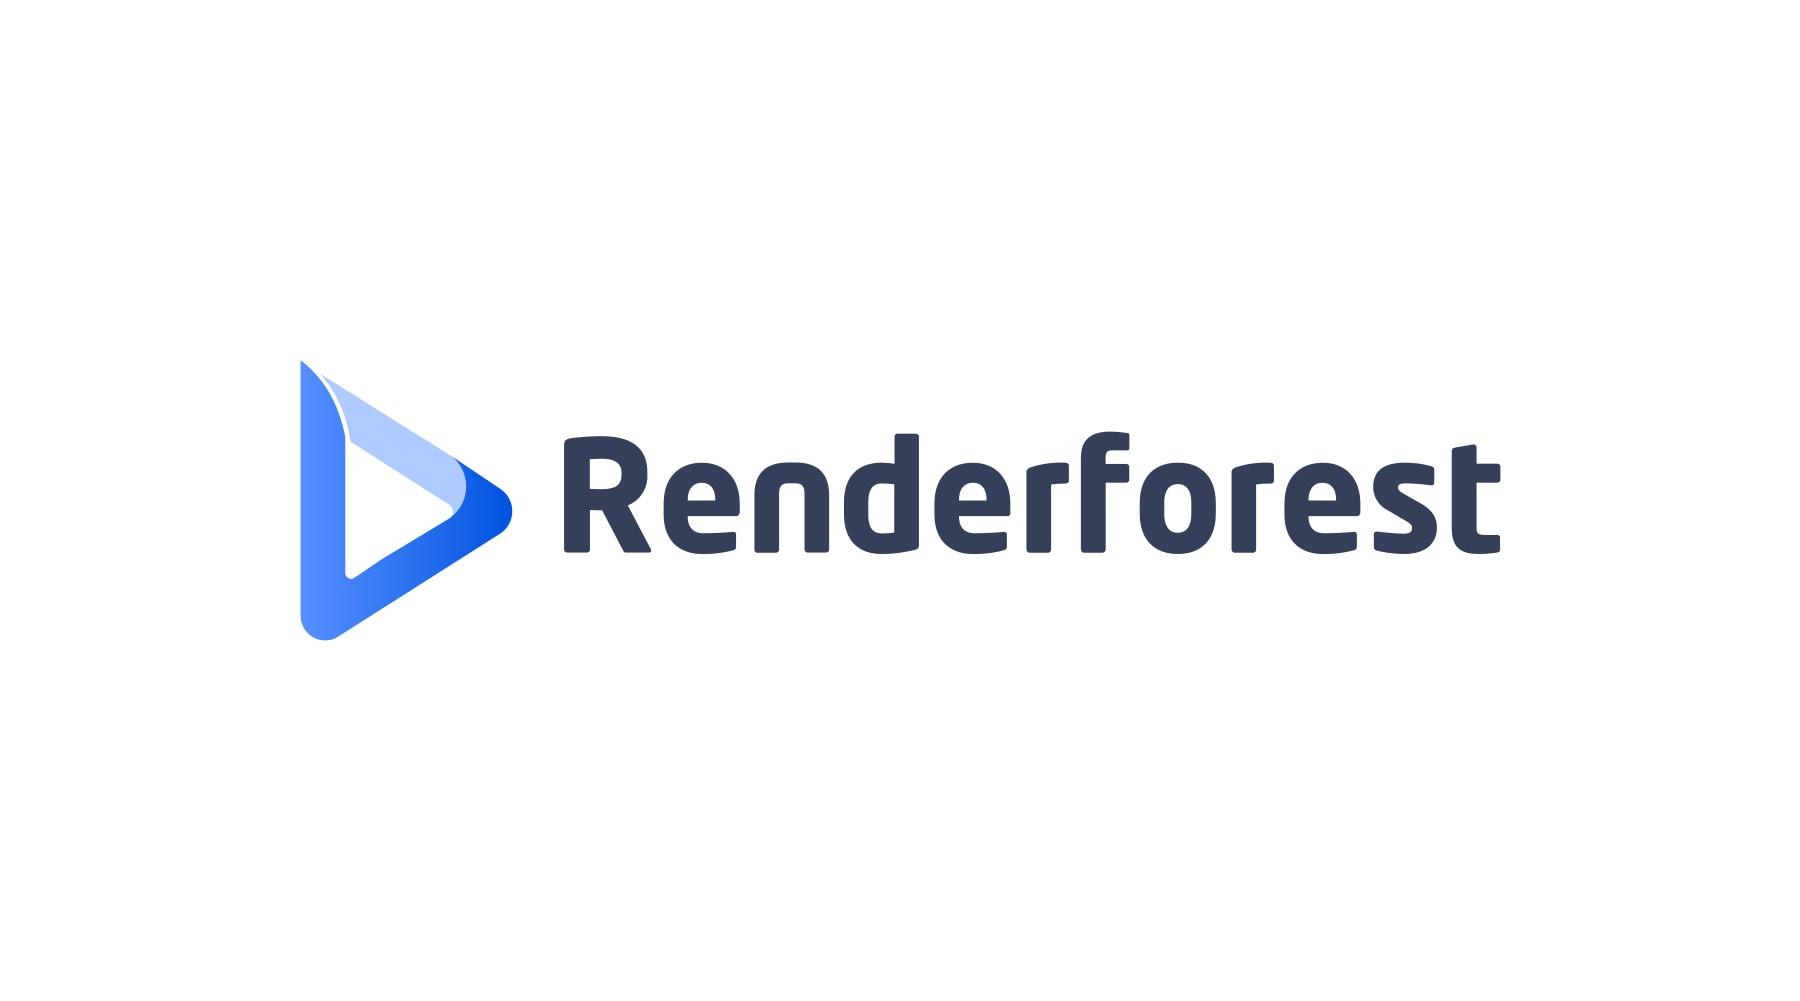 renderforest-logo